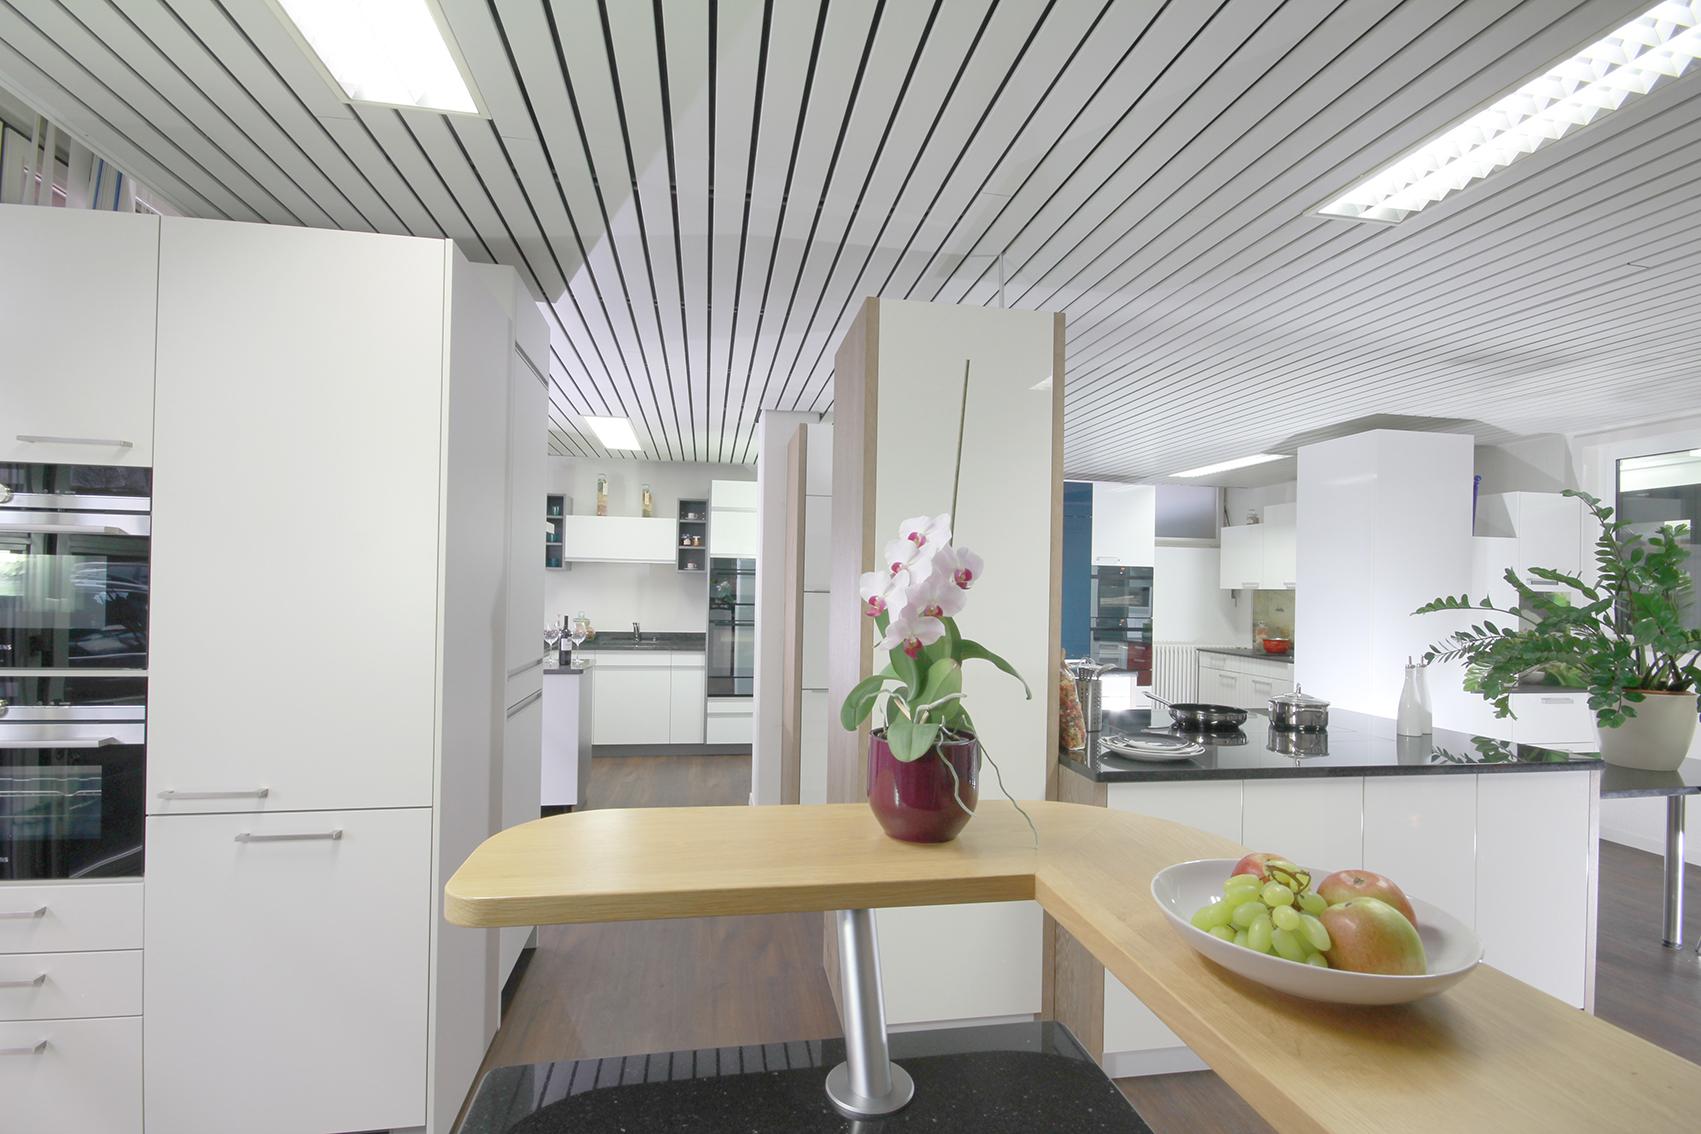 Gewaltig Küchen Rabatt Ideen Von Ausstellungs-küchen Mit 50 Erwerben!!